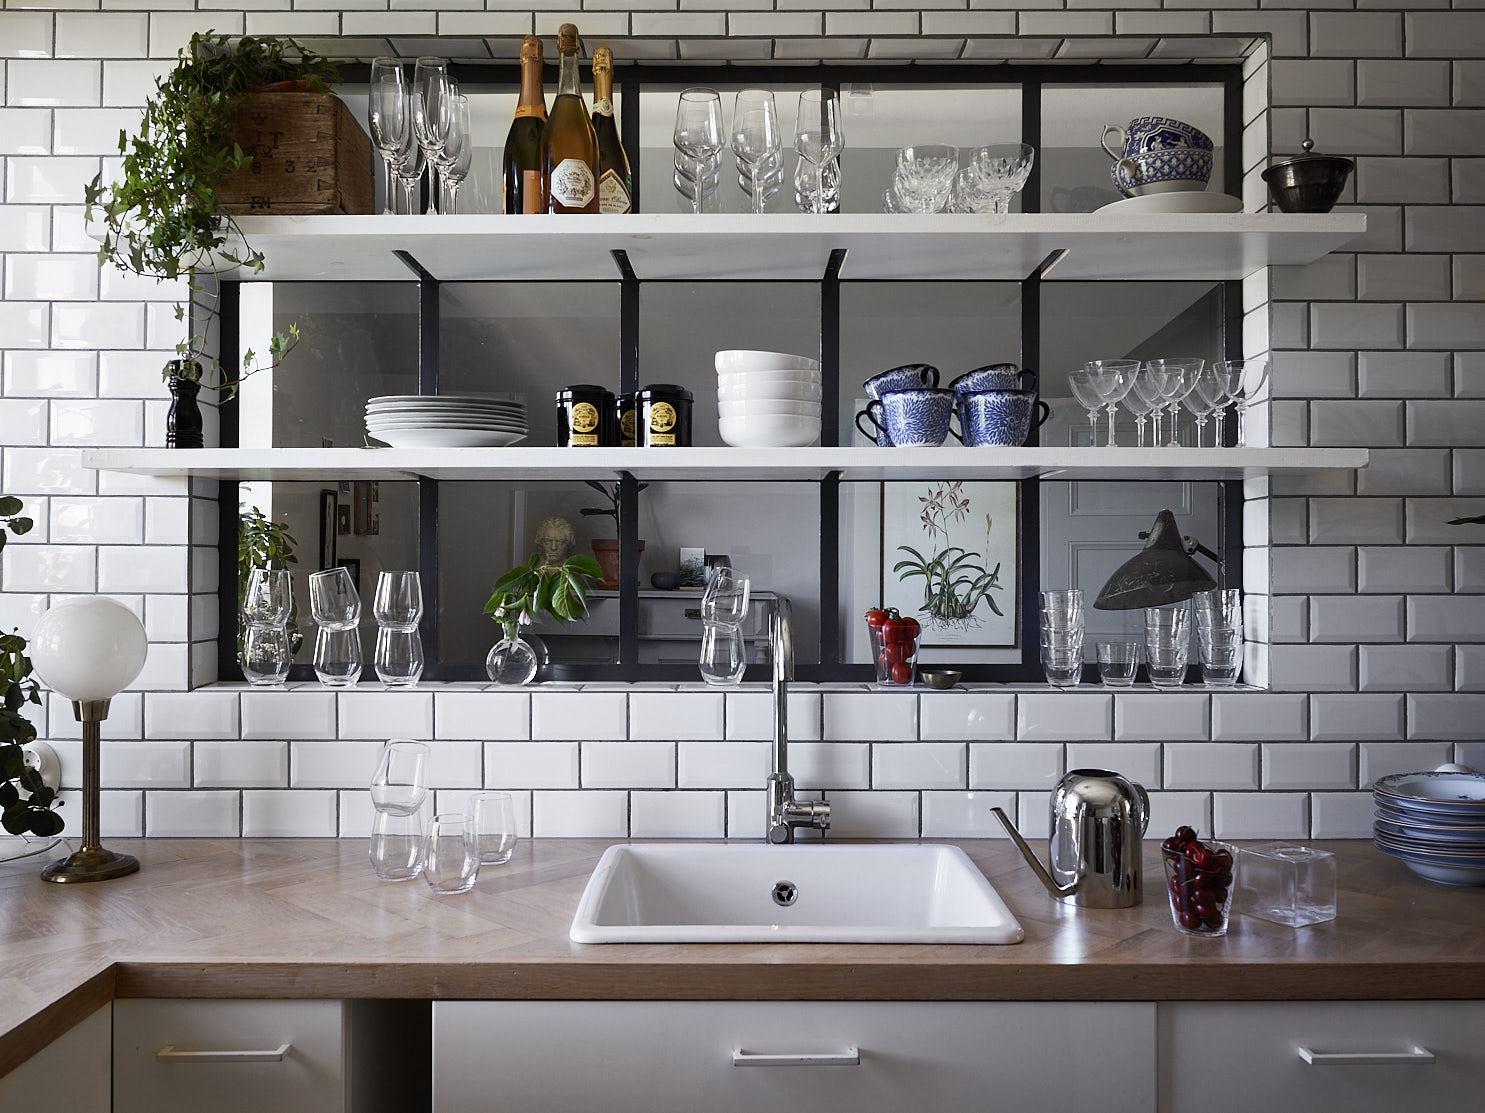 Une niche vitr e dans la cuisine frenchy fancy for Cuisine ouverte vitree atelier